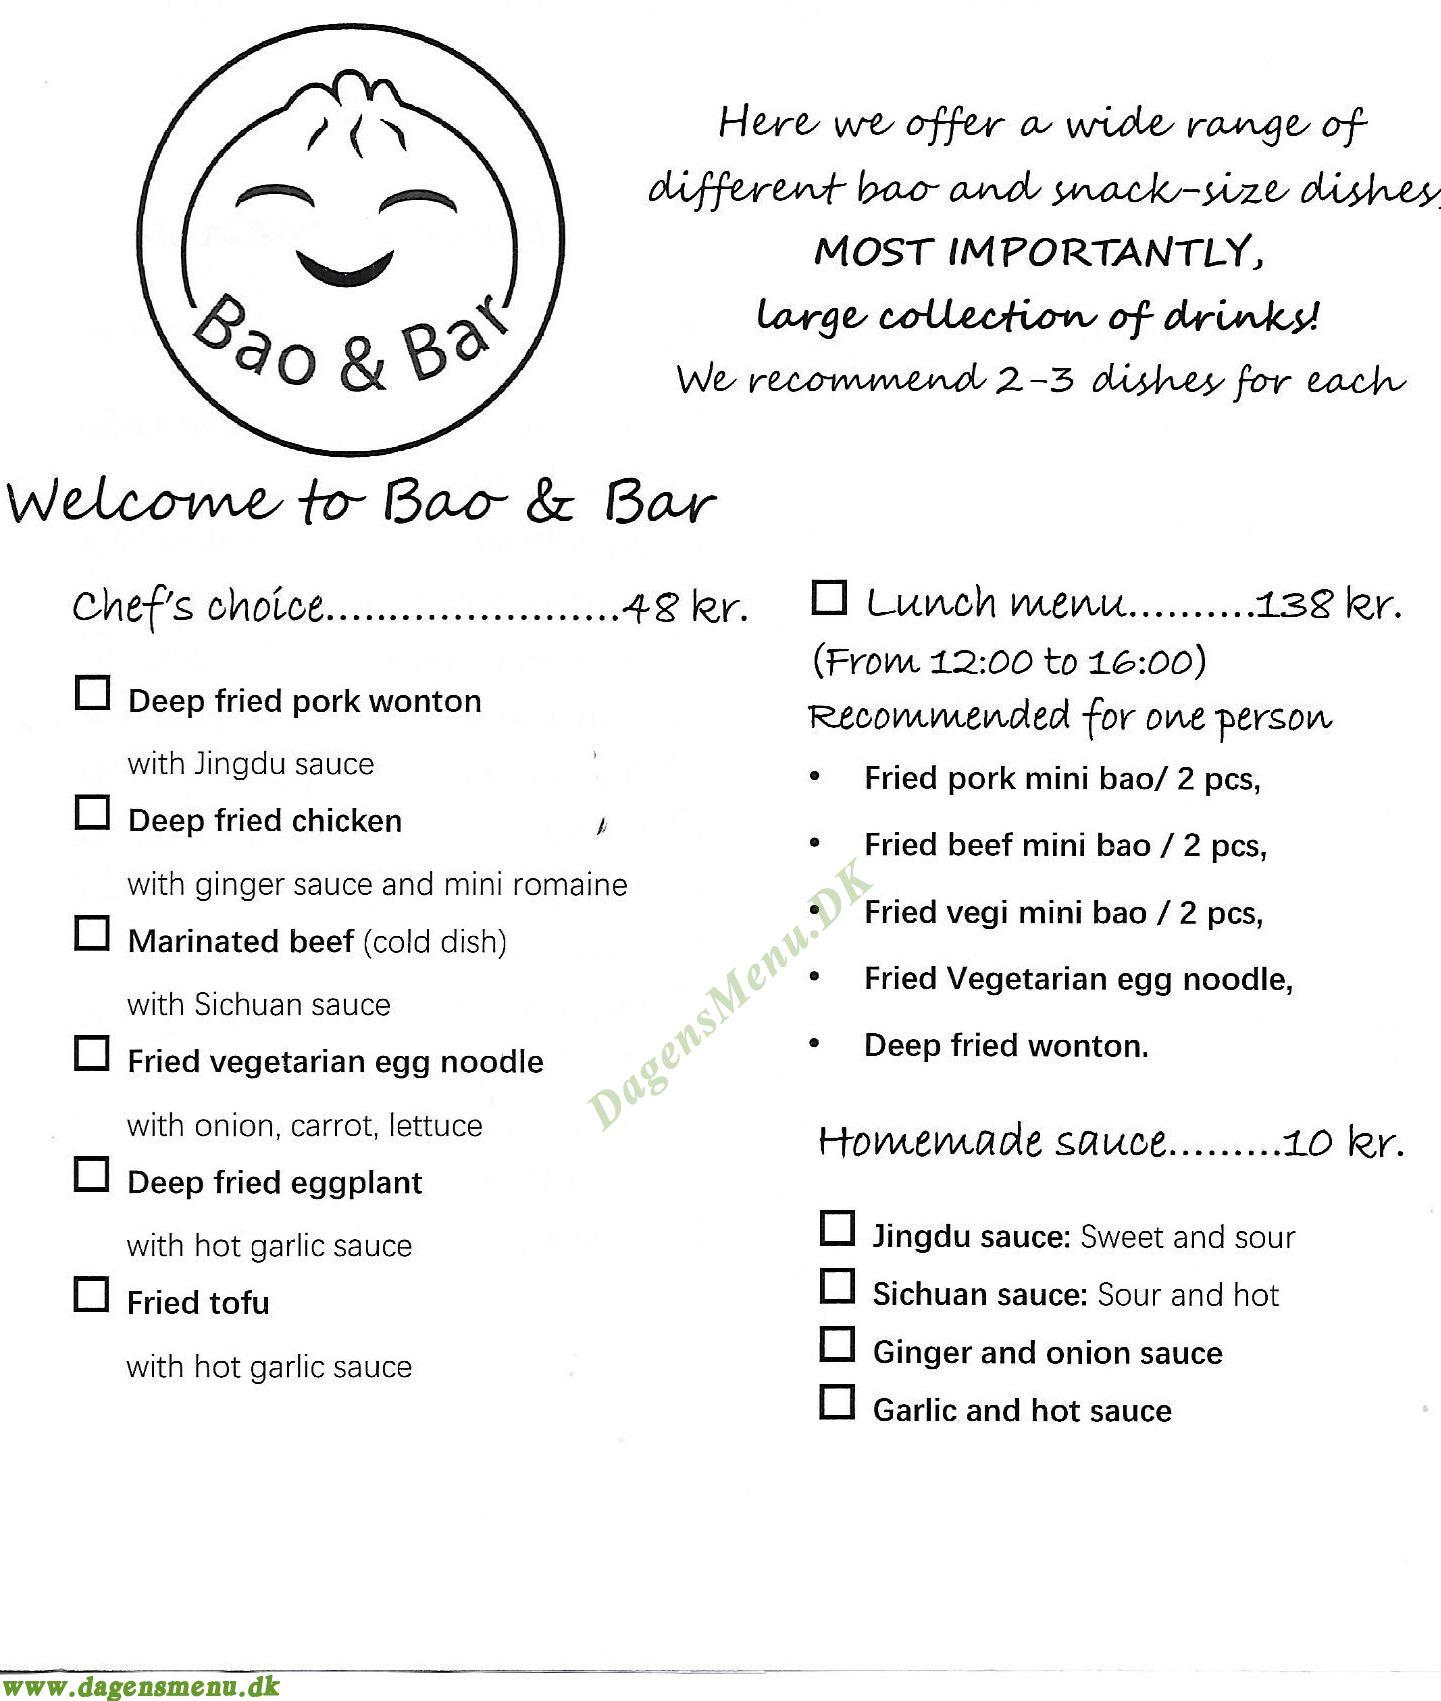 Bao & Bar - Menukort